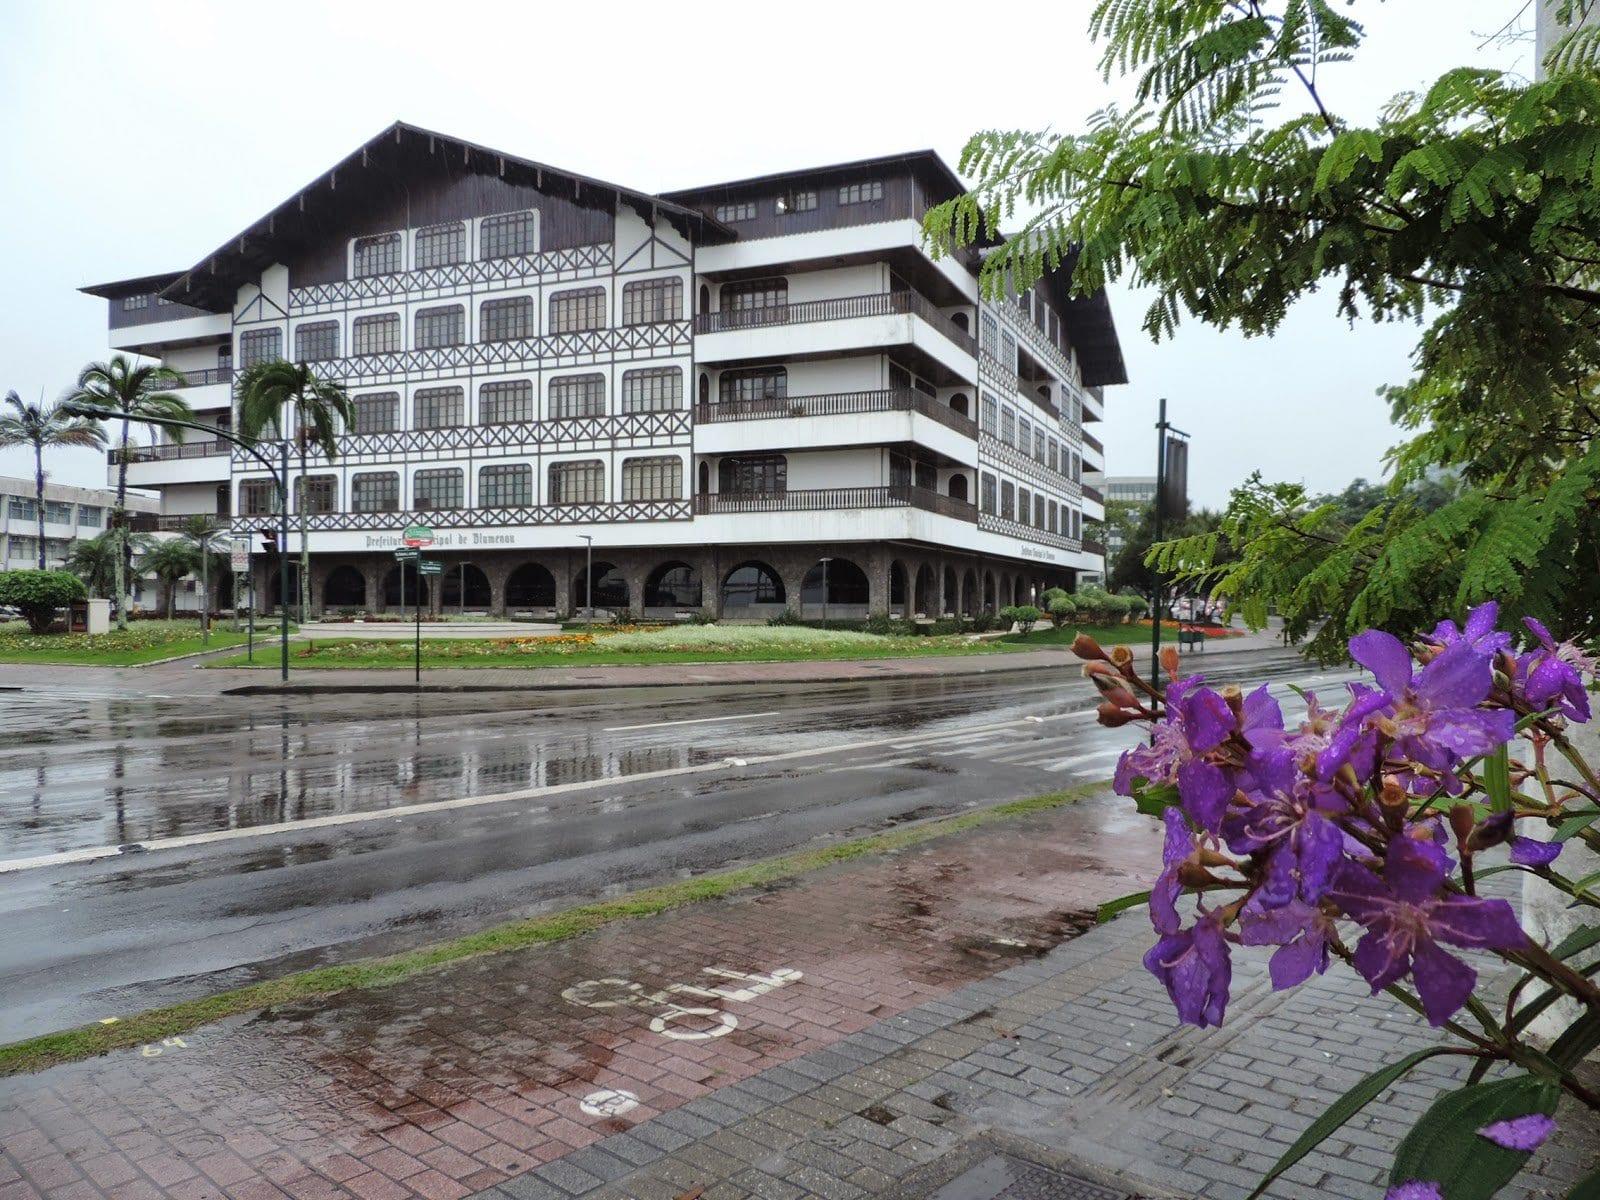 Previsão de chuva forte em Bluemenau amanhã - foto de Jaime Batista